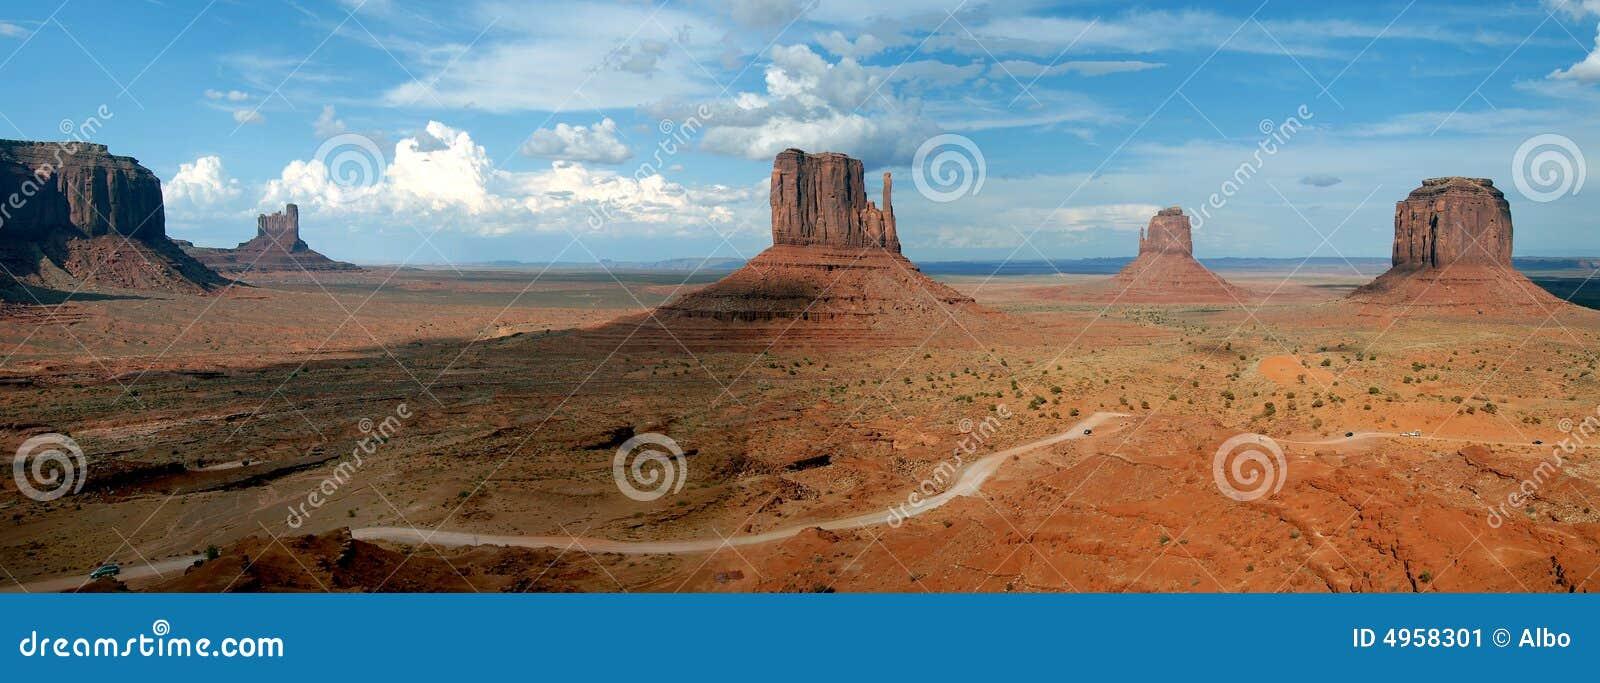 долина панорамы памятника